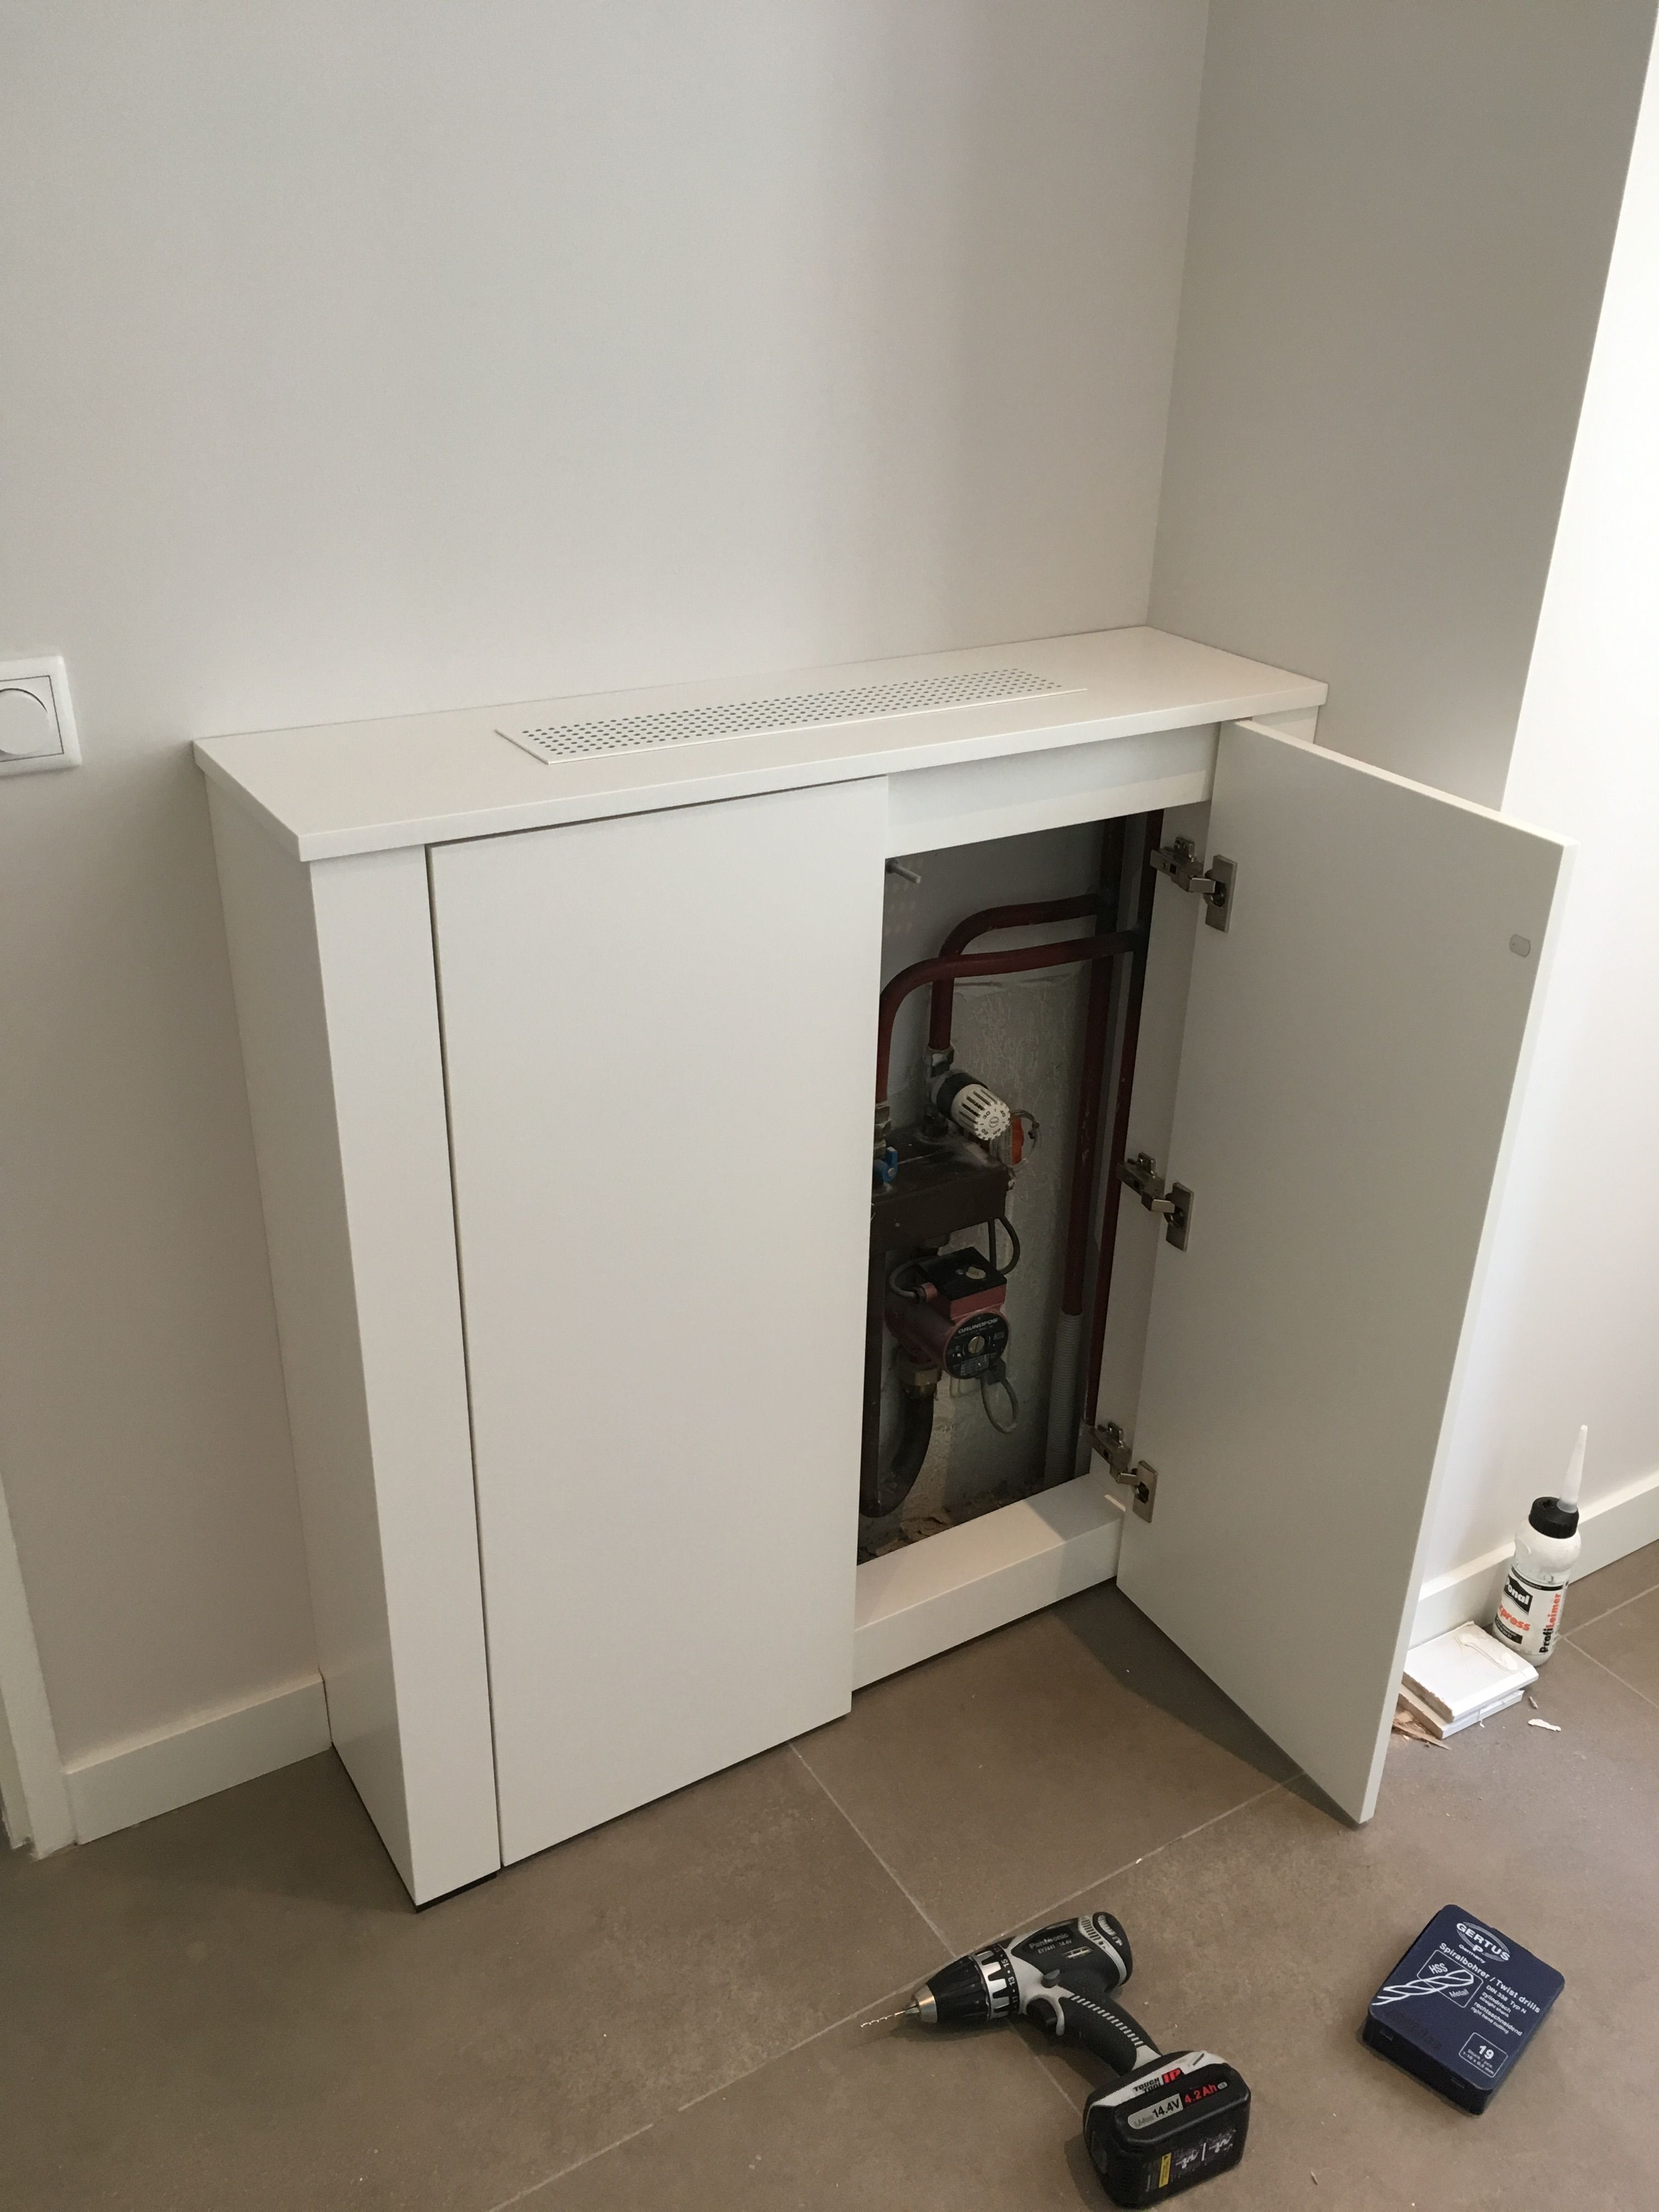 Kast Ombouw Voor Vloerverwarming Installatie Vloerverwarming Huis Organisatie Interieur